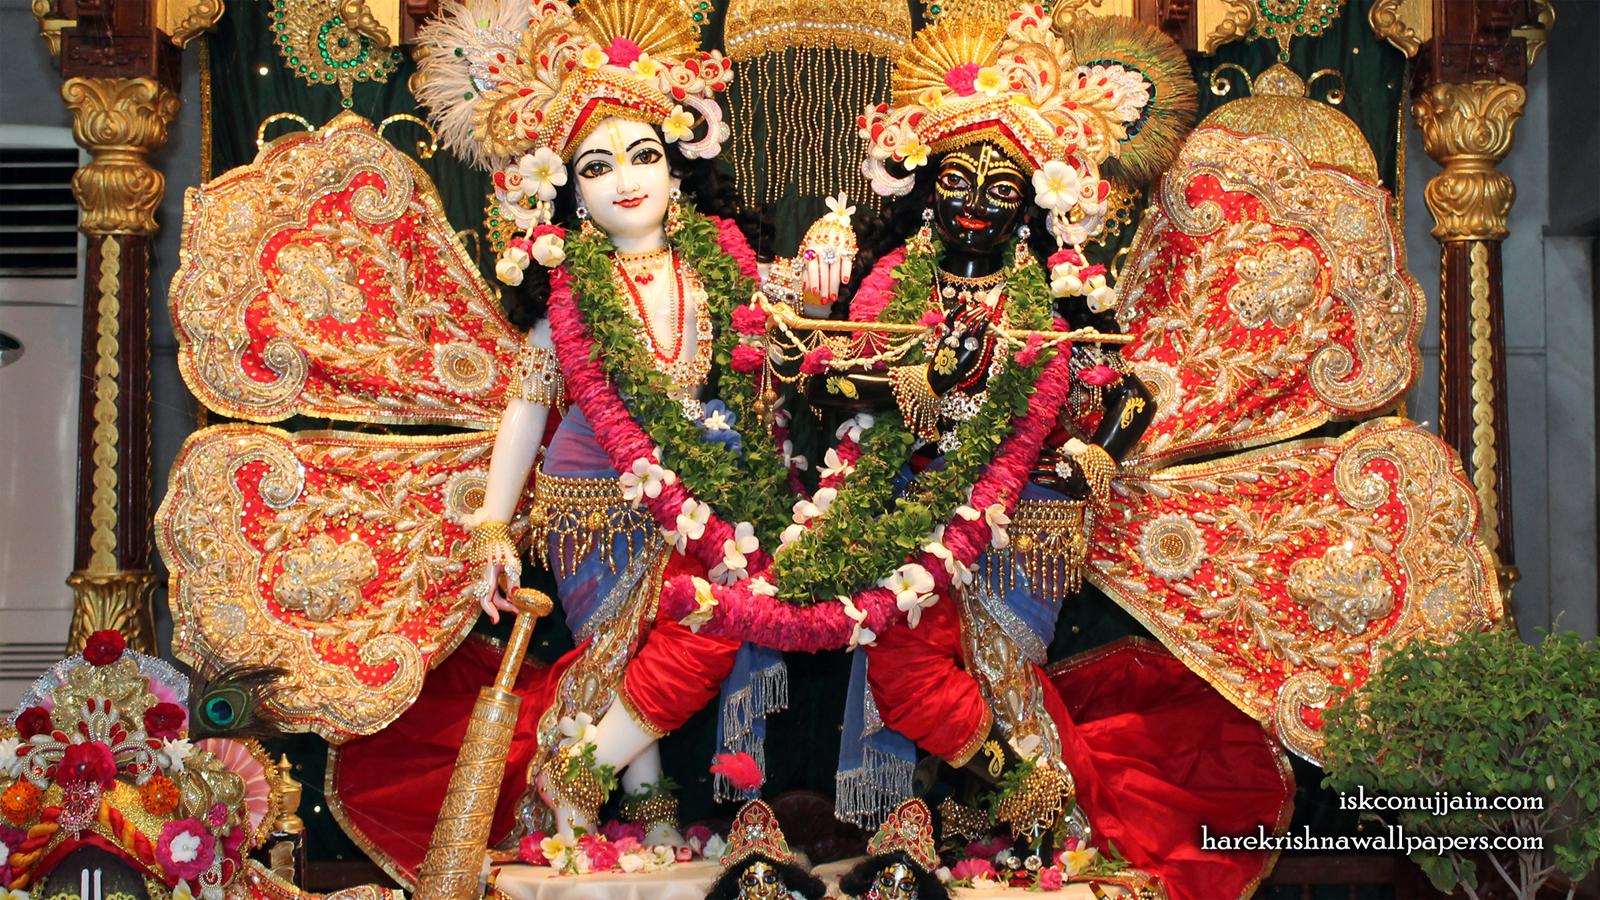 Sri Sri Krishna Balaram Wallpaper (005) Size 1600x900 Download